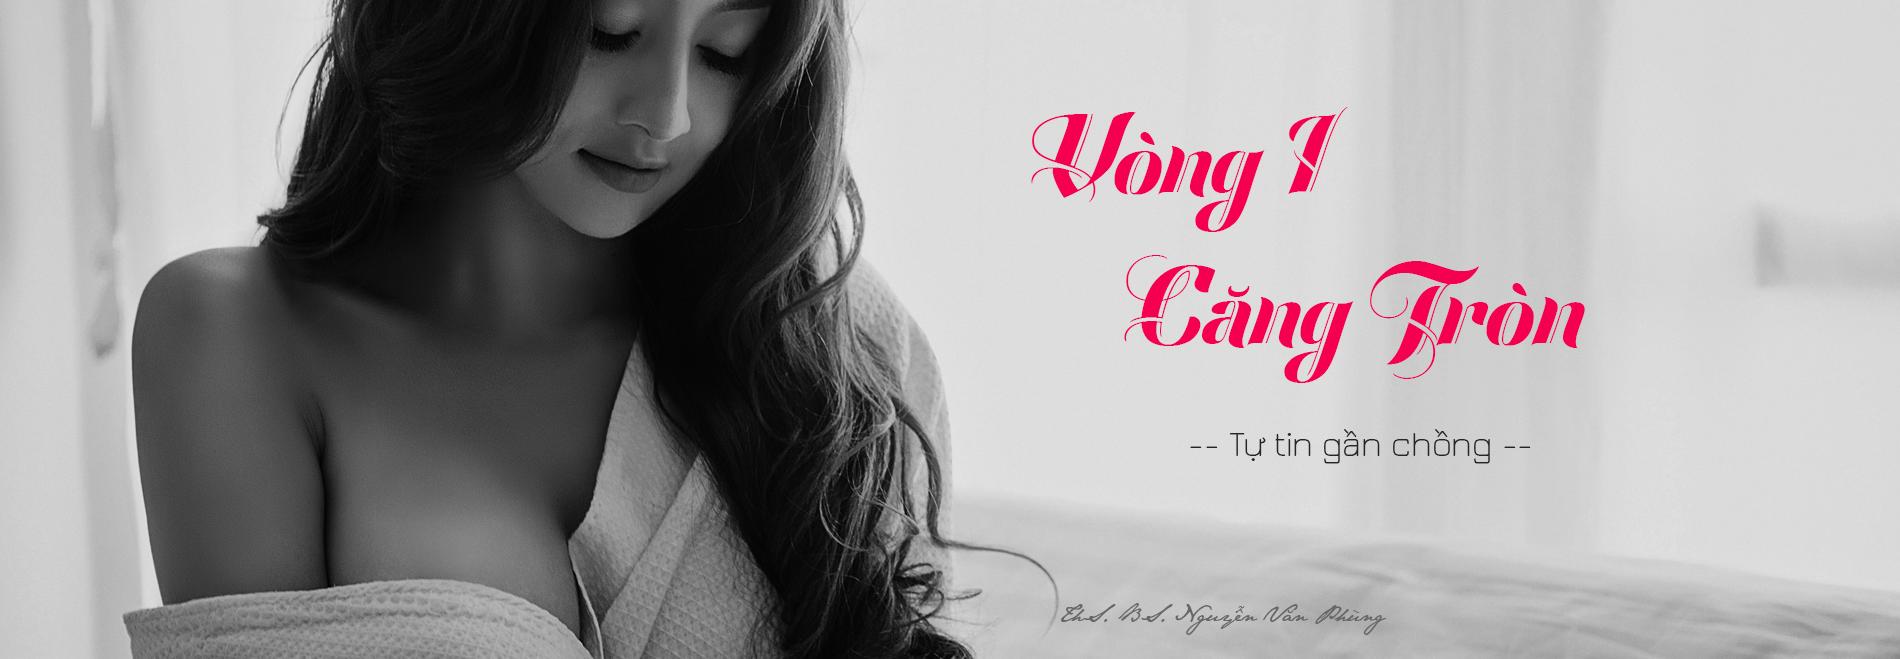 vong-1-cang-tron-tu-tin-gan-chong-edit